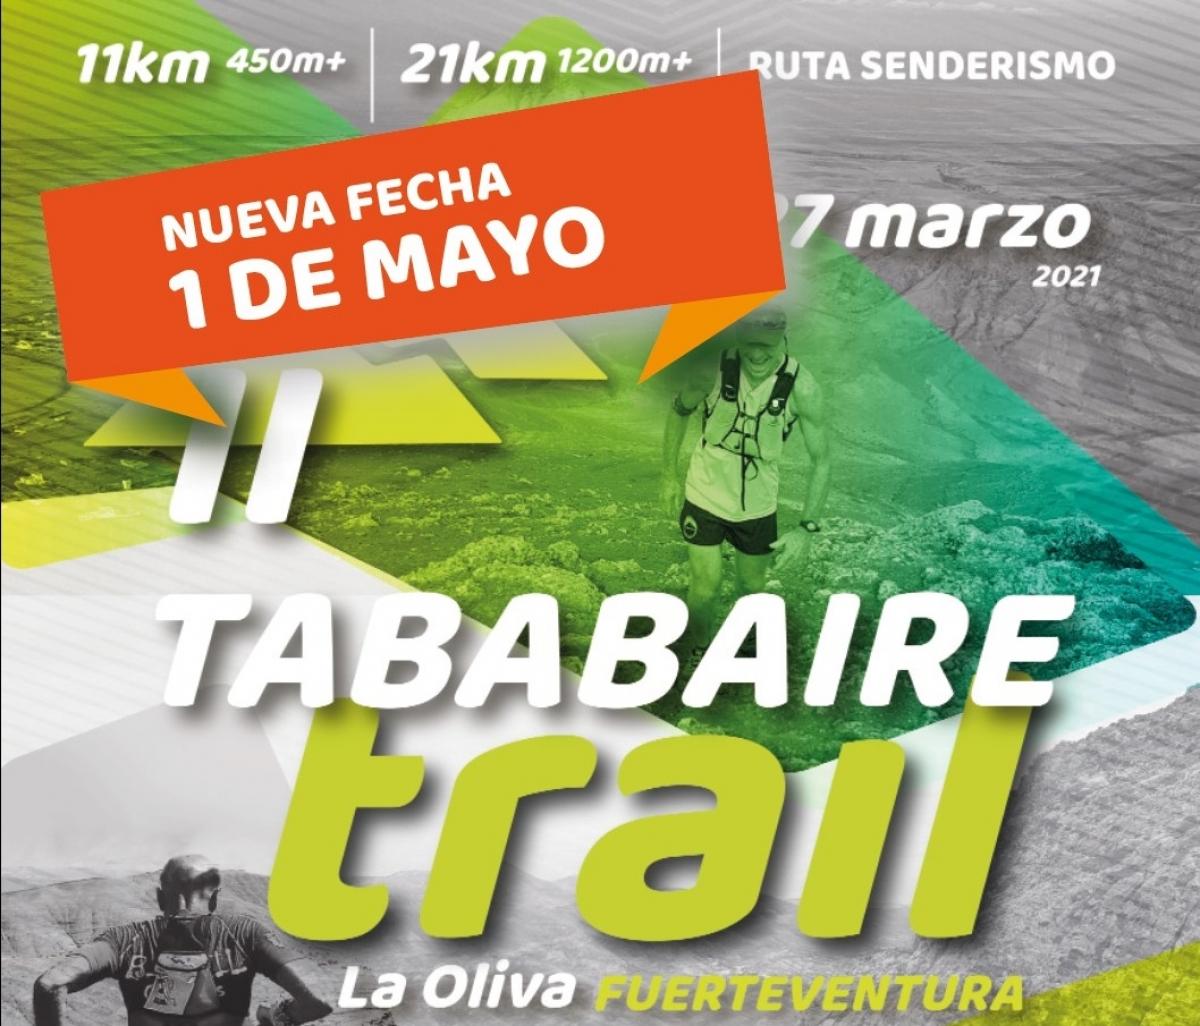 Inscripción - II TABABAIRE TRAIL LA OLIVA